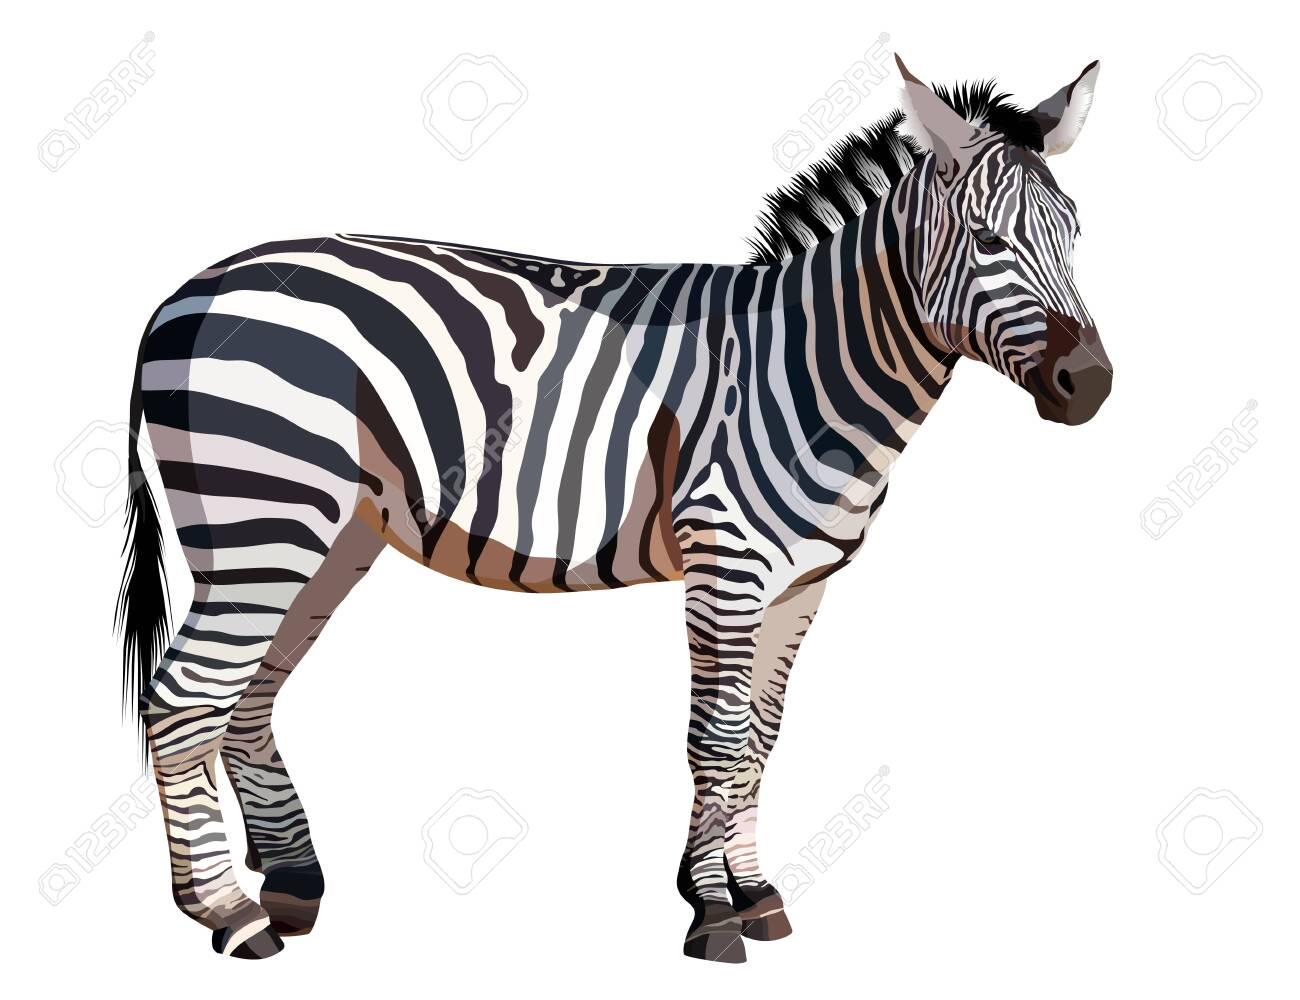 African zebra on white background vector illustration - 121009827